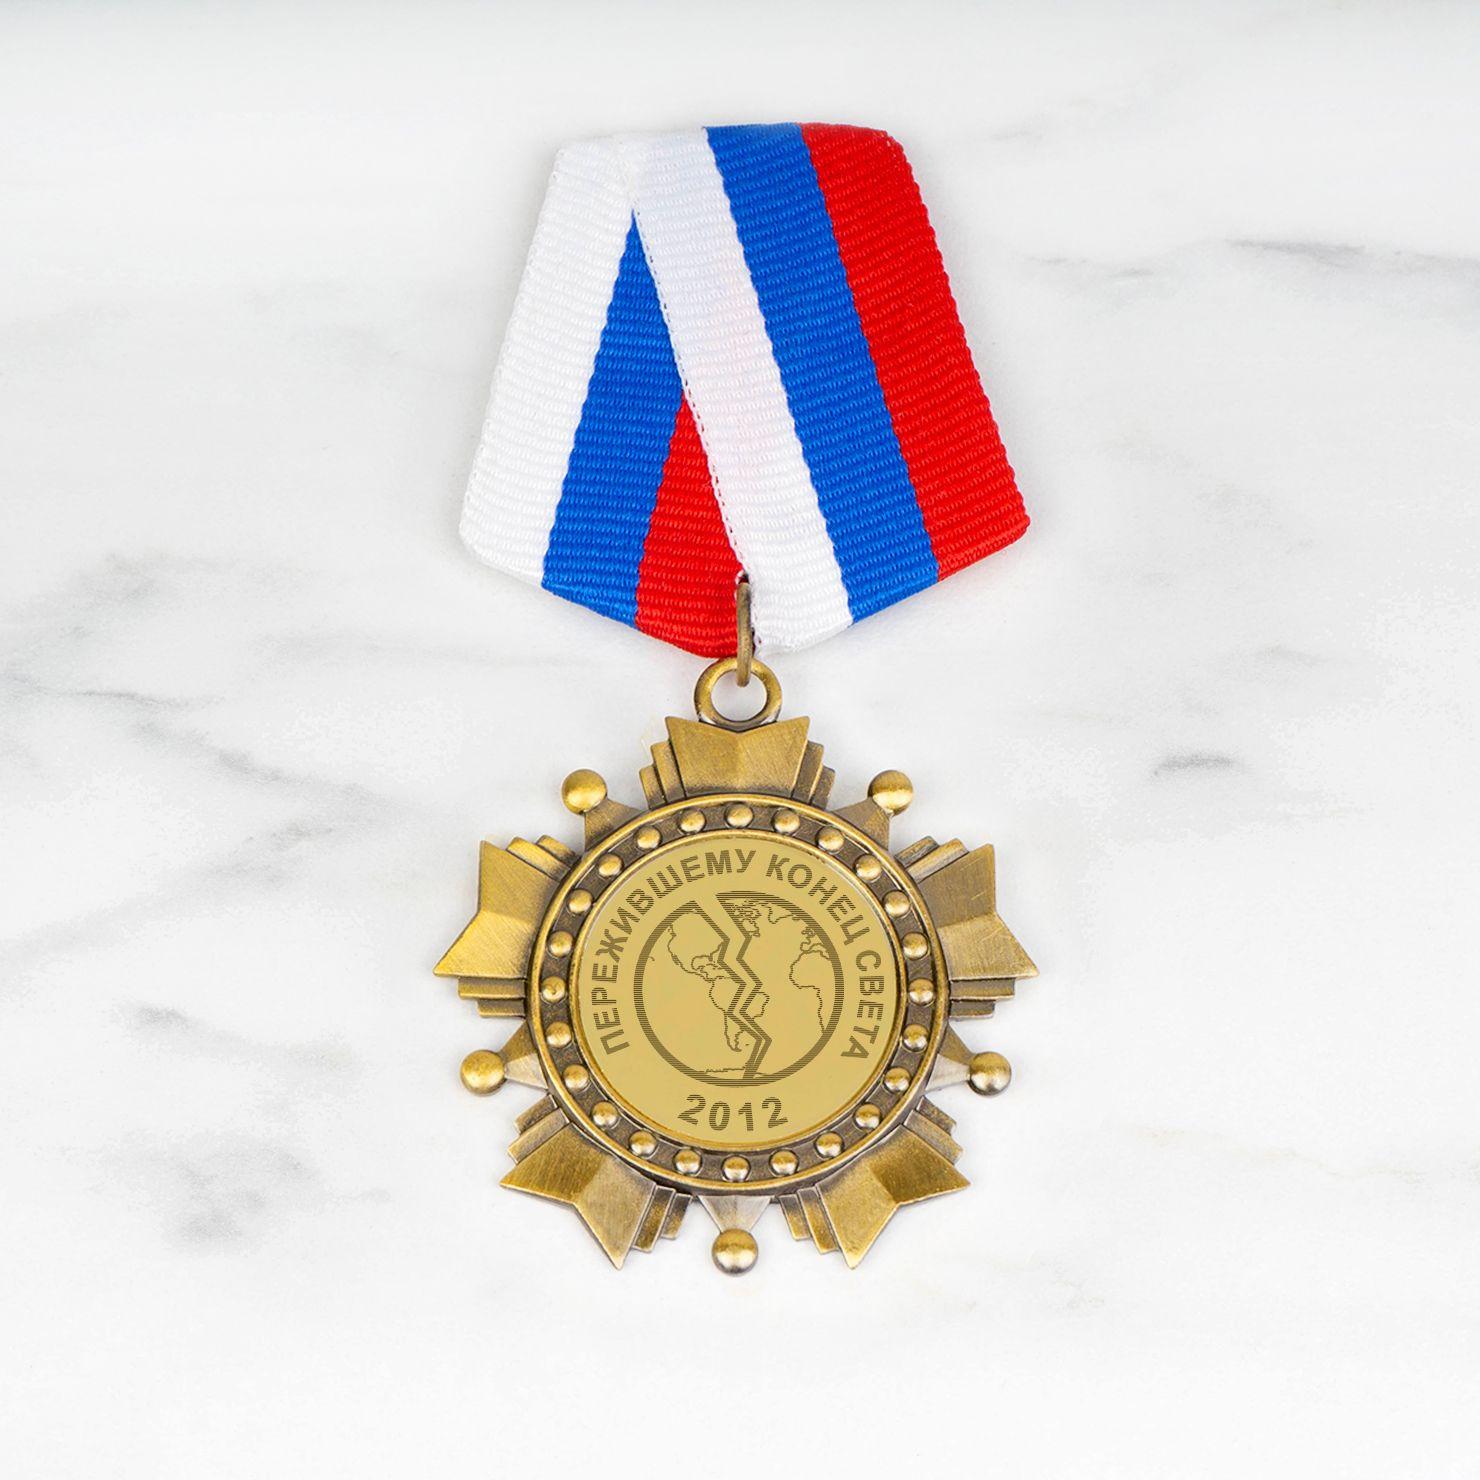 Орден *Пережившему конец света 2012*